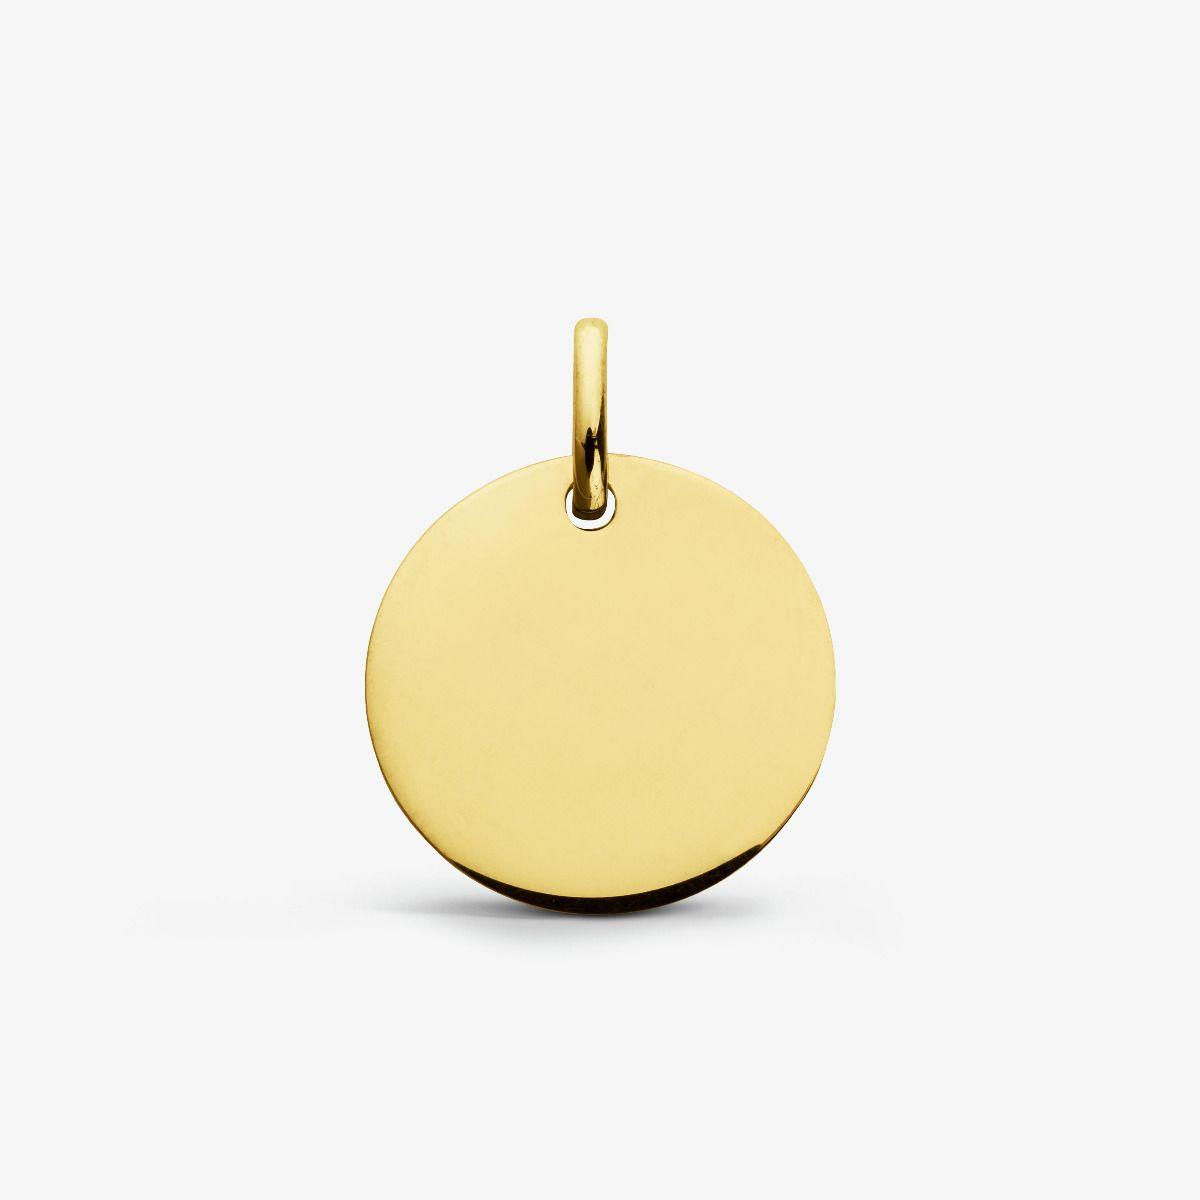 Médaille plaque à graver Or Jaune 18 carats - 16 mm